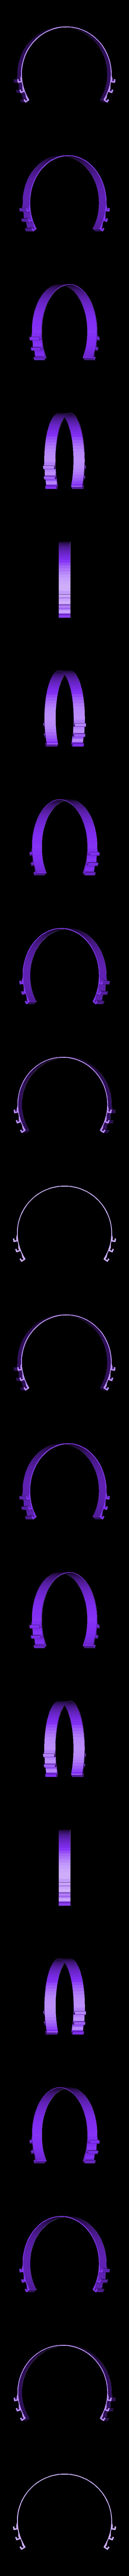 DIADEMA SUJECCIÓN MASCARILLA MEDIANA.stl Télécharger fichier STL gratuit Porte-masque simple et double courbe + Boucle d'oreille (pour sauver les oreilles) • Objet pour imprimante 3D, celtarra12